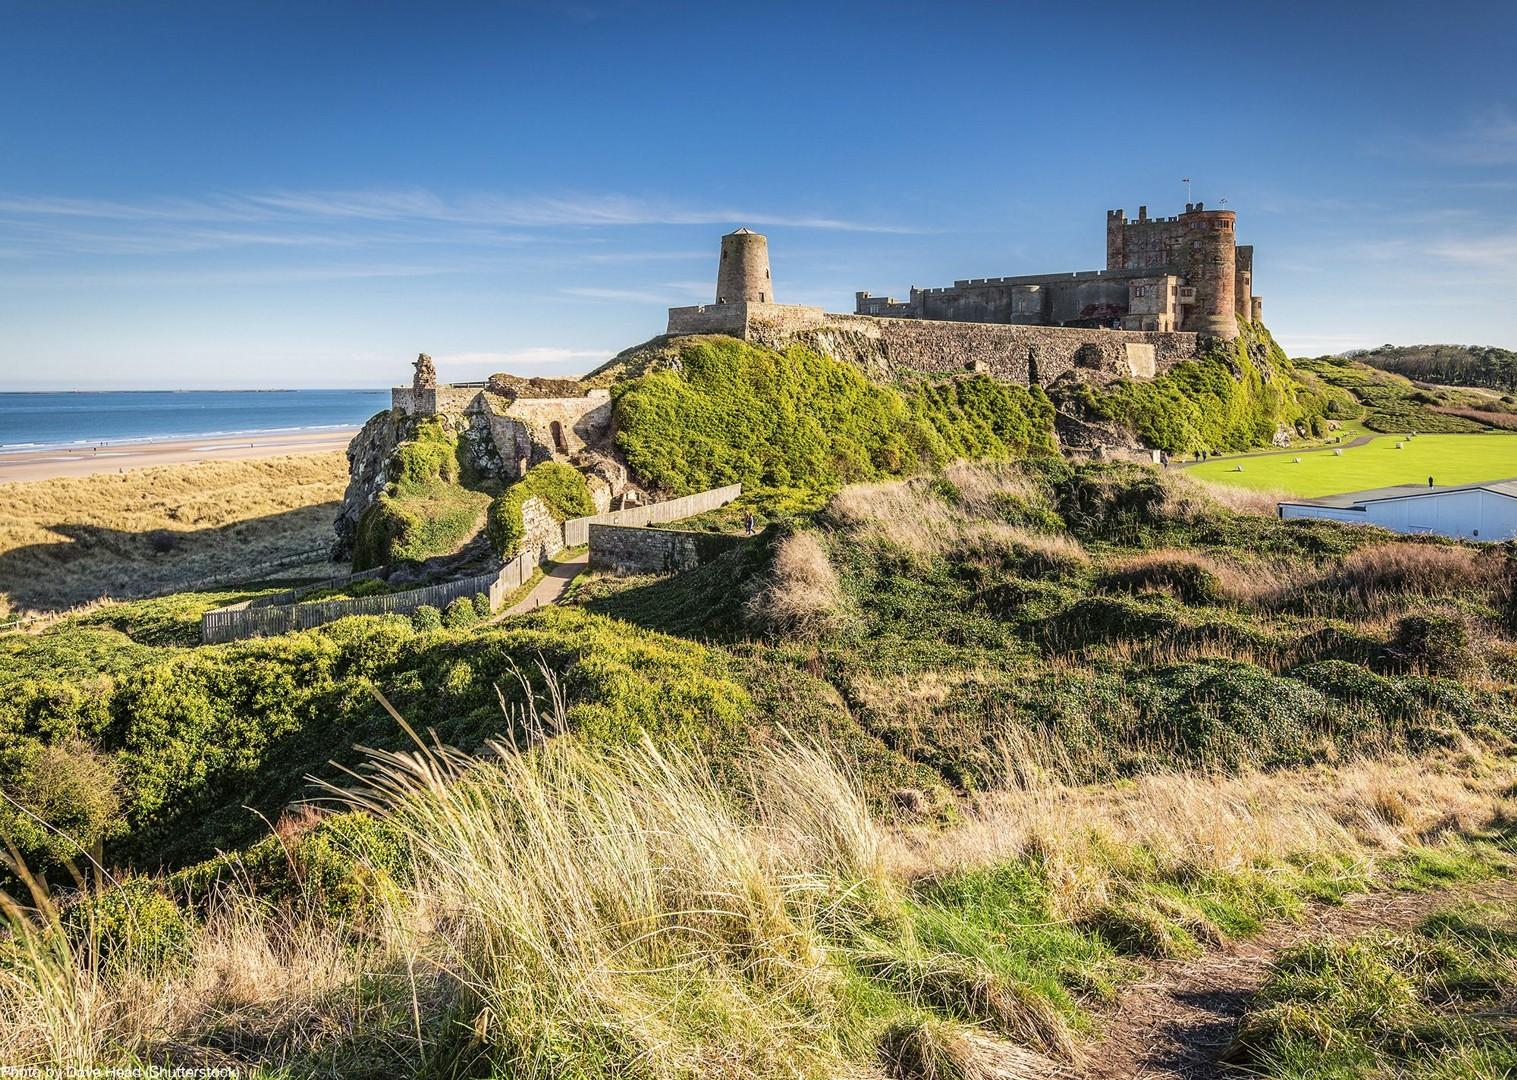 dunstanburgh-bamburgh-castle-coast-uk-england-self-guided-cycling.jpg - UK - Northumberland Coast - 2 Days - Self-Guided Leisure Cycling Holiday - Leisure Cycling